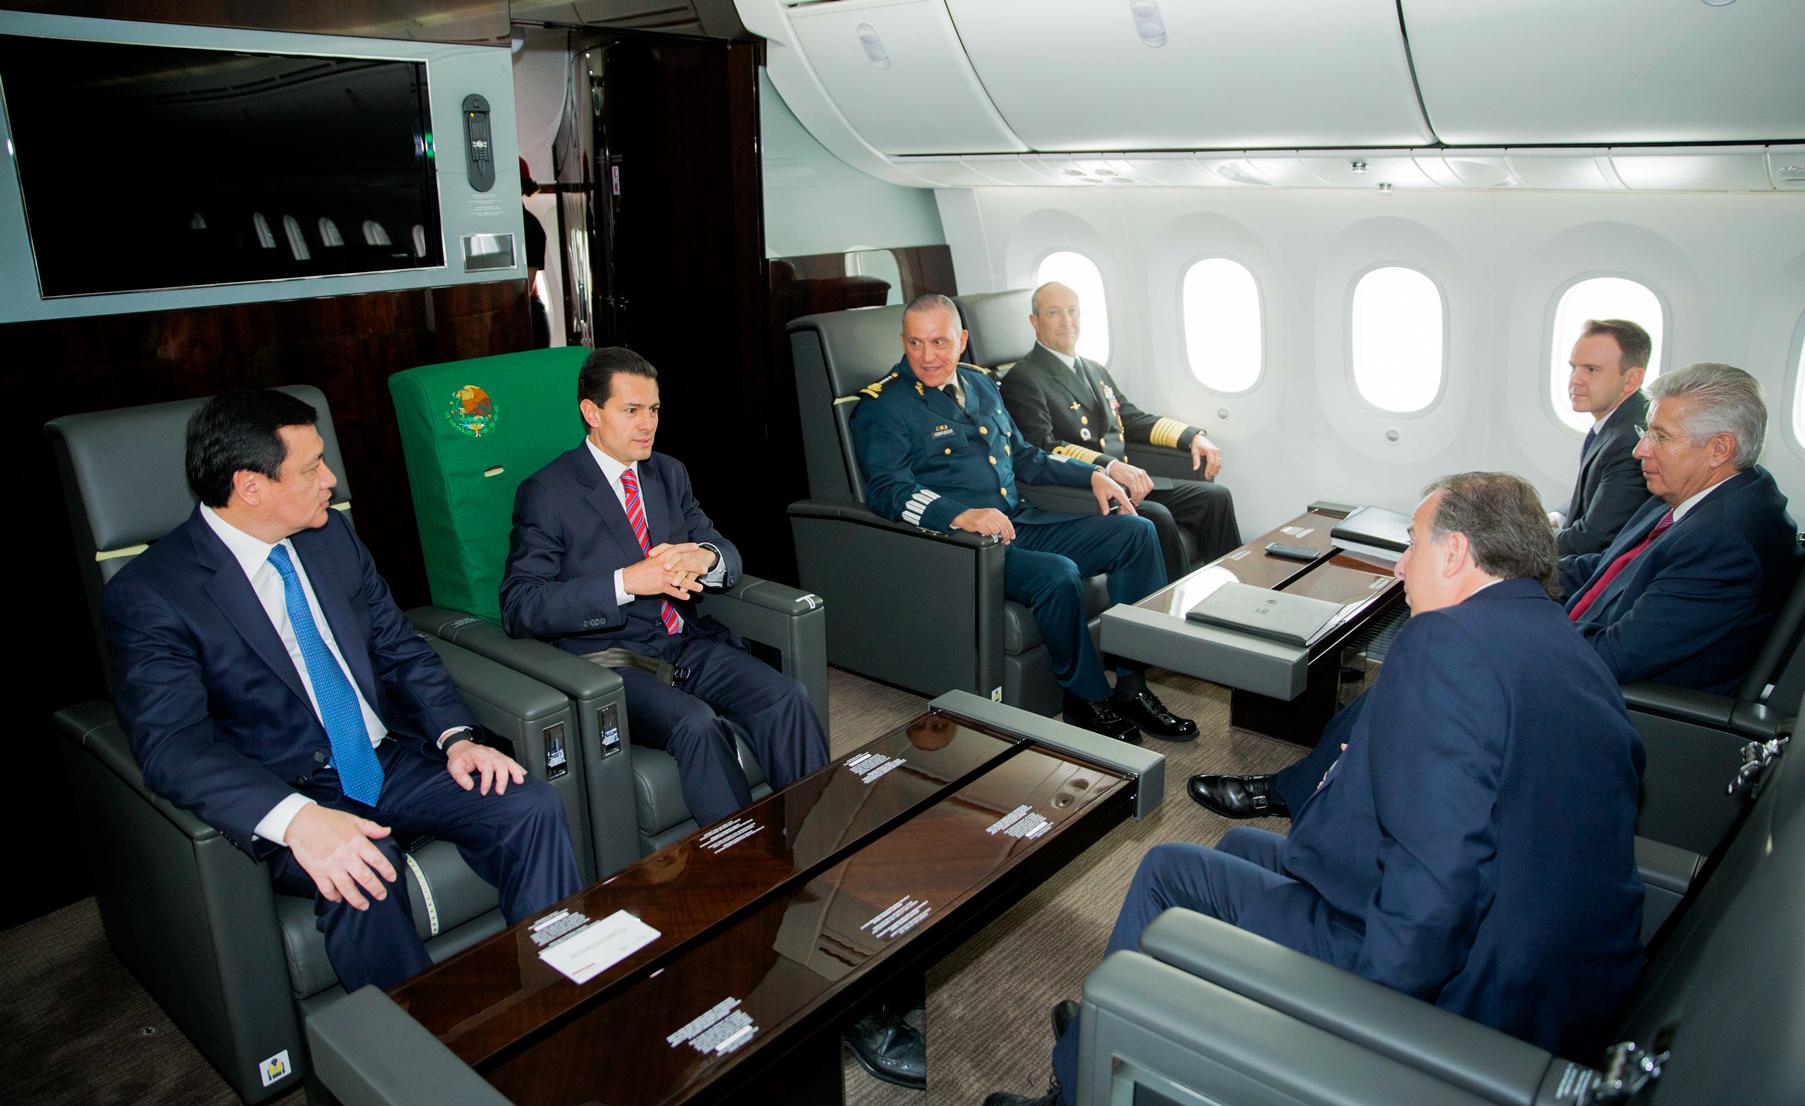 HERMOSILLO, SONORA, 10FEBRERO2016.- Enrique Peña Nieto viajó por primera vez en el nuevo avión